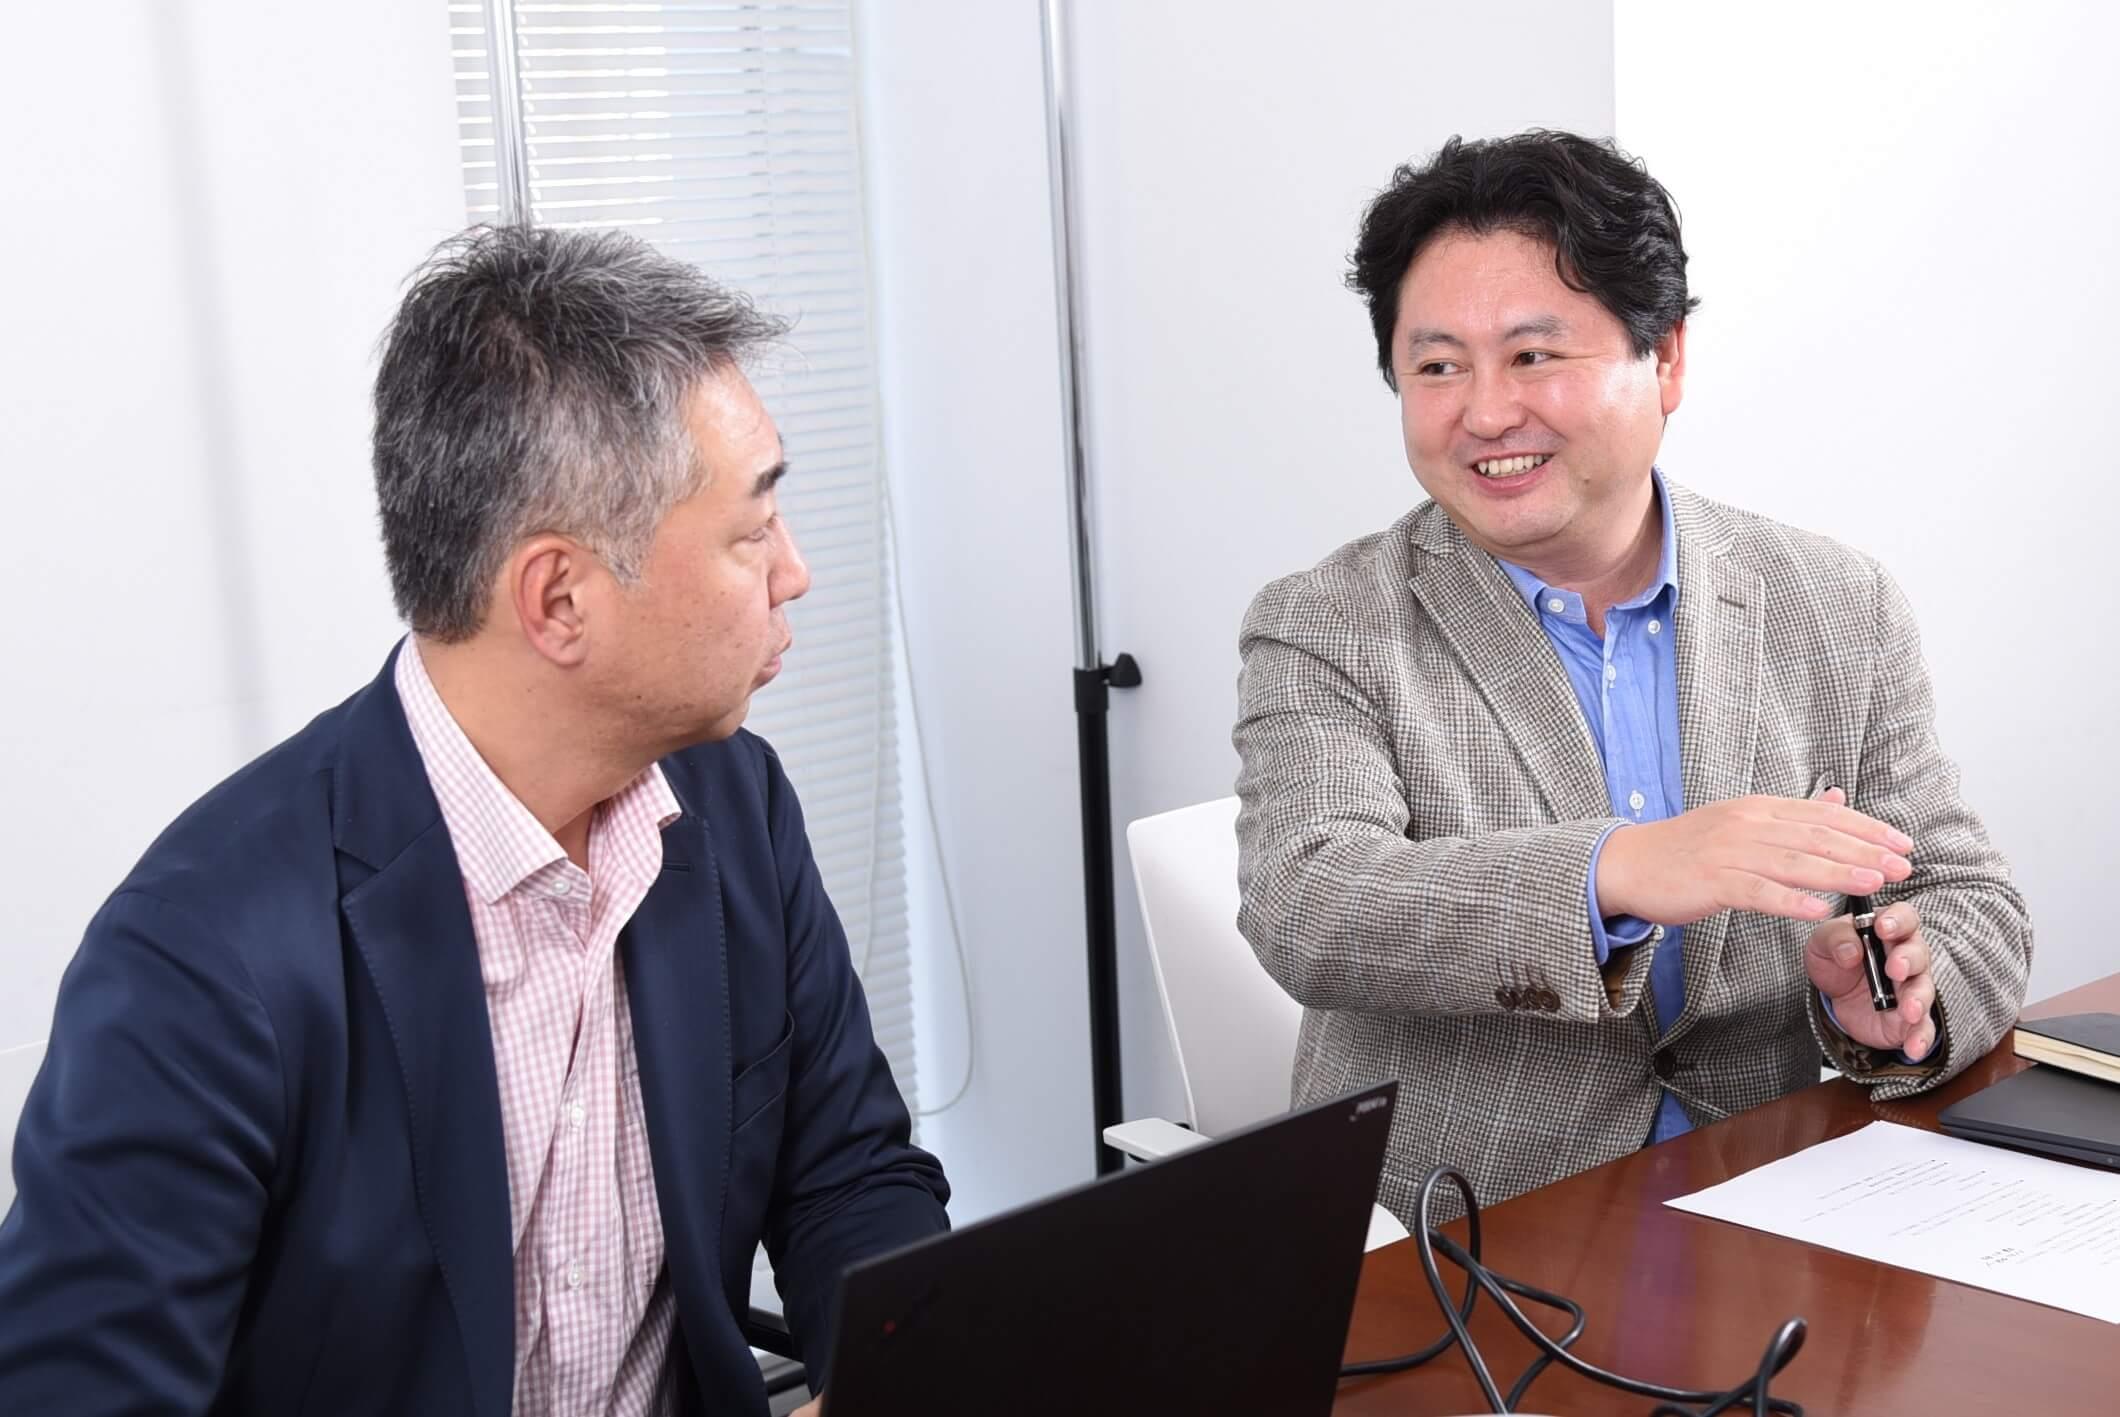 パルコ執行役 林 直孝氏とデジタルステージ代表 熊崎